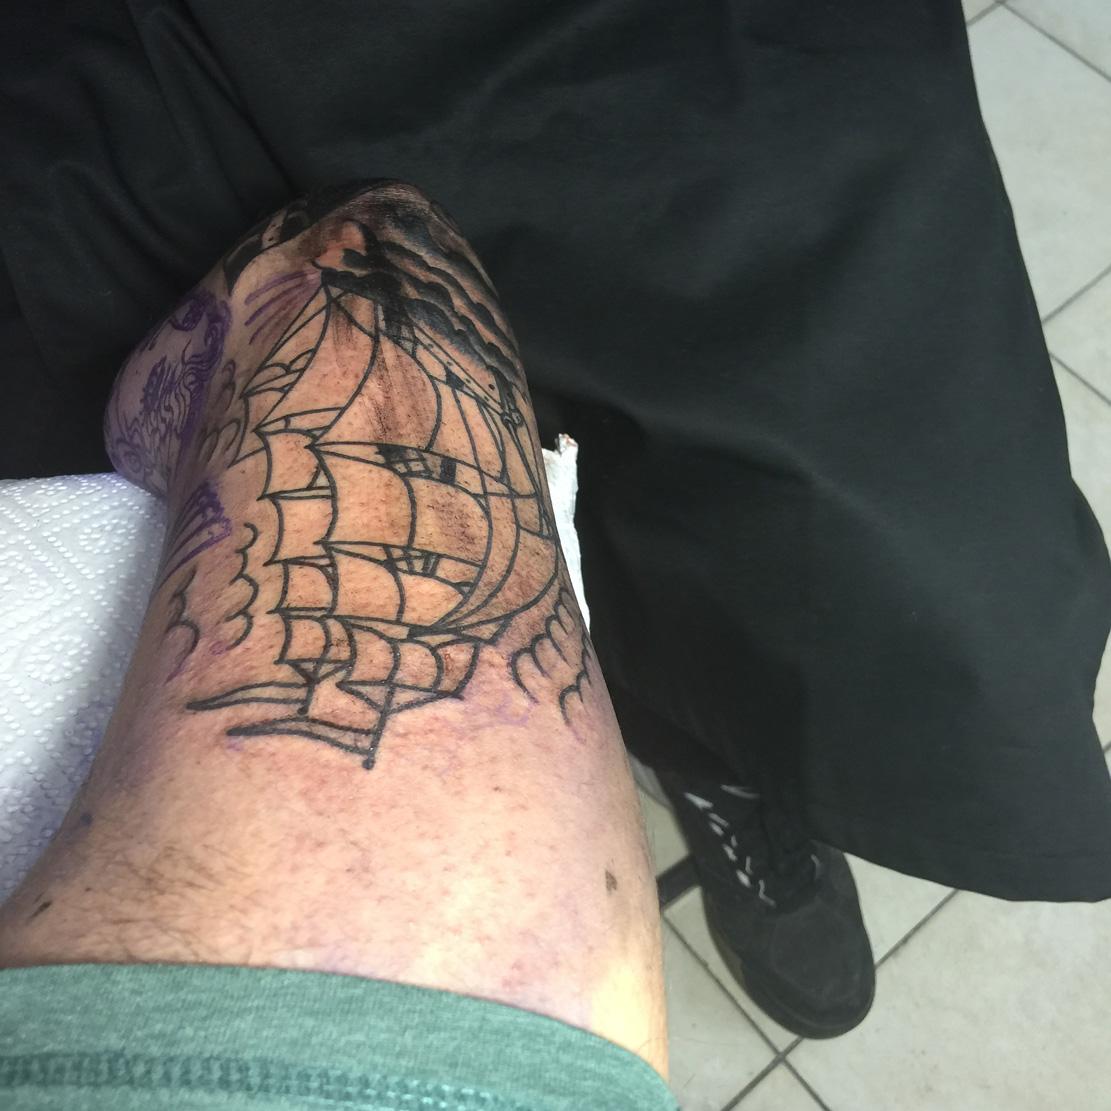 Ból przy robieniu tatuażu, czy tatuaż boli, ból tatuaże, tatuaże bolą, boli mnie tatuaż, tatuowanie boli, ból przy tatuowaniu, tatuowanie i bóle